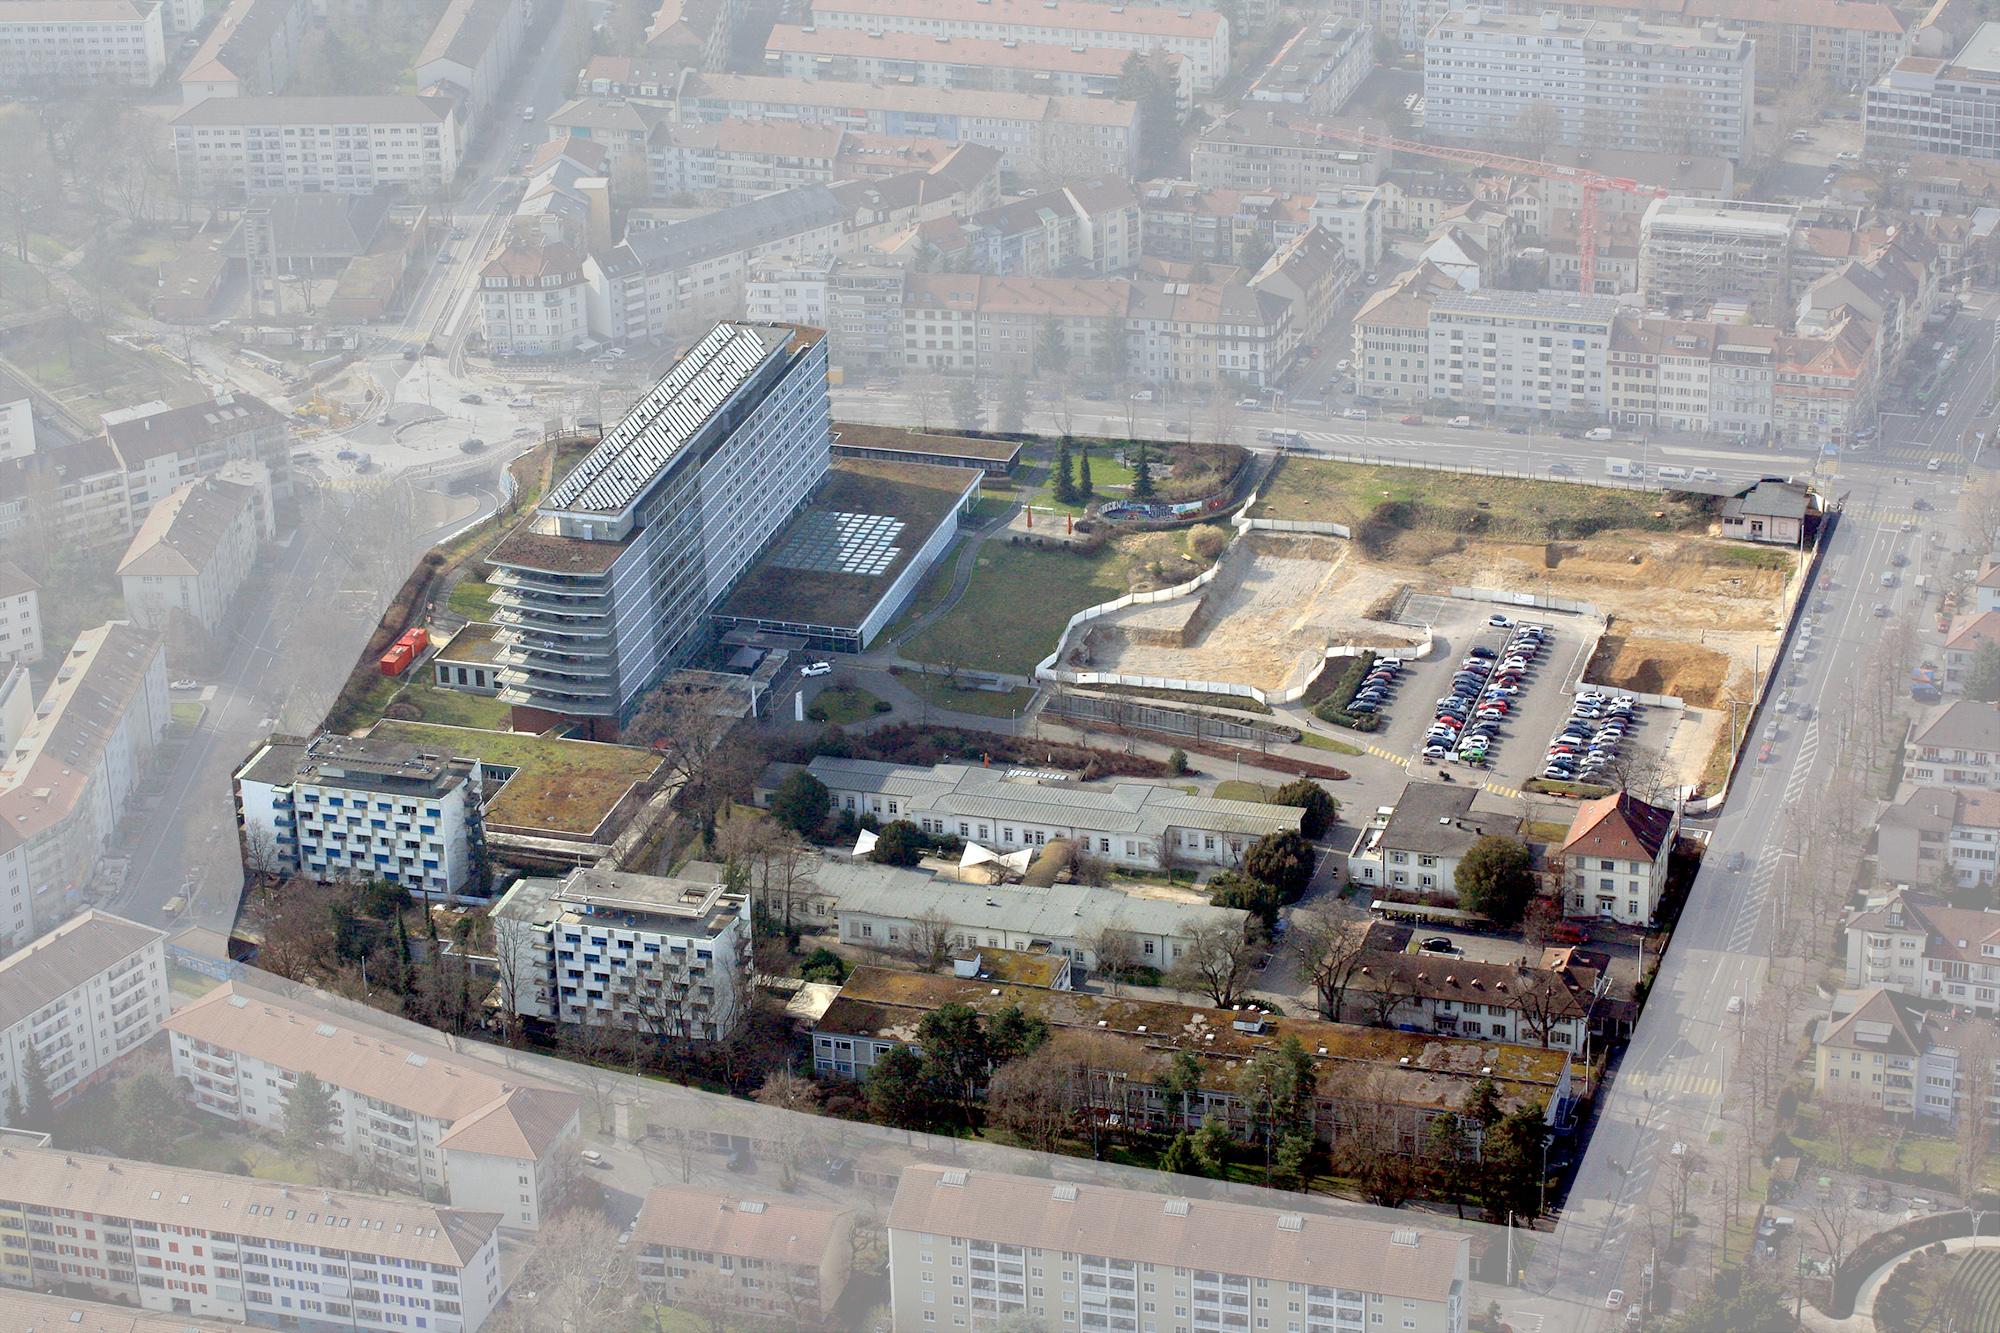 Vogelperspektive: Auf dem Felix-Platter-Areal gibt es ab 2019 mächtig viel Platz für neue Wohnungen. Dann soll das neue Spitalgebäude (Baustelle oben rechts) in Betrieb genommen werden.